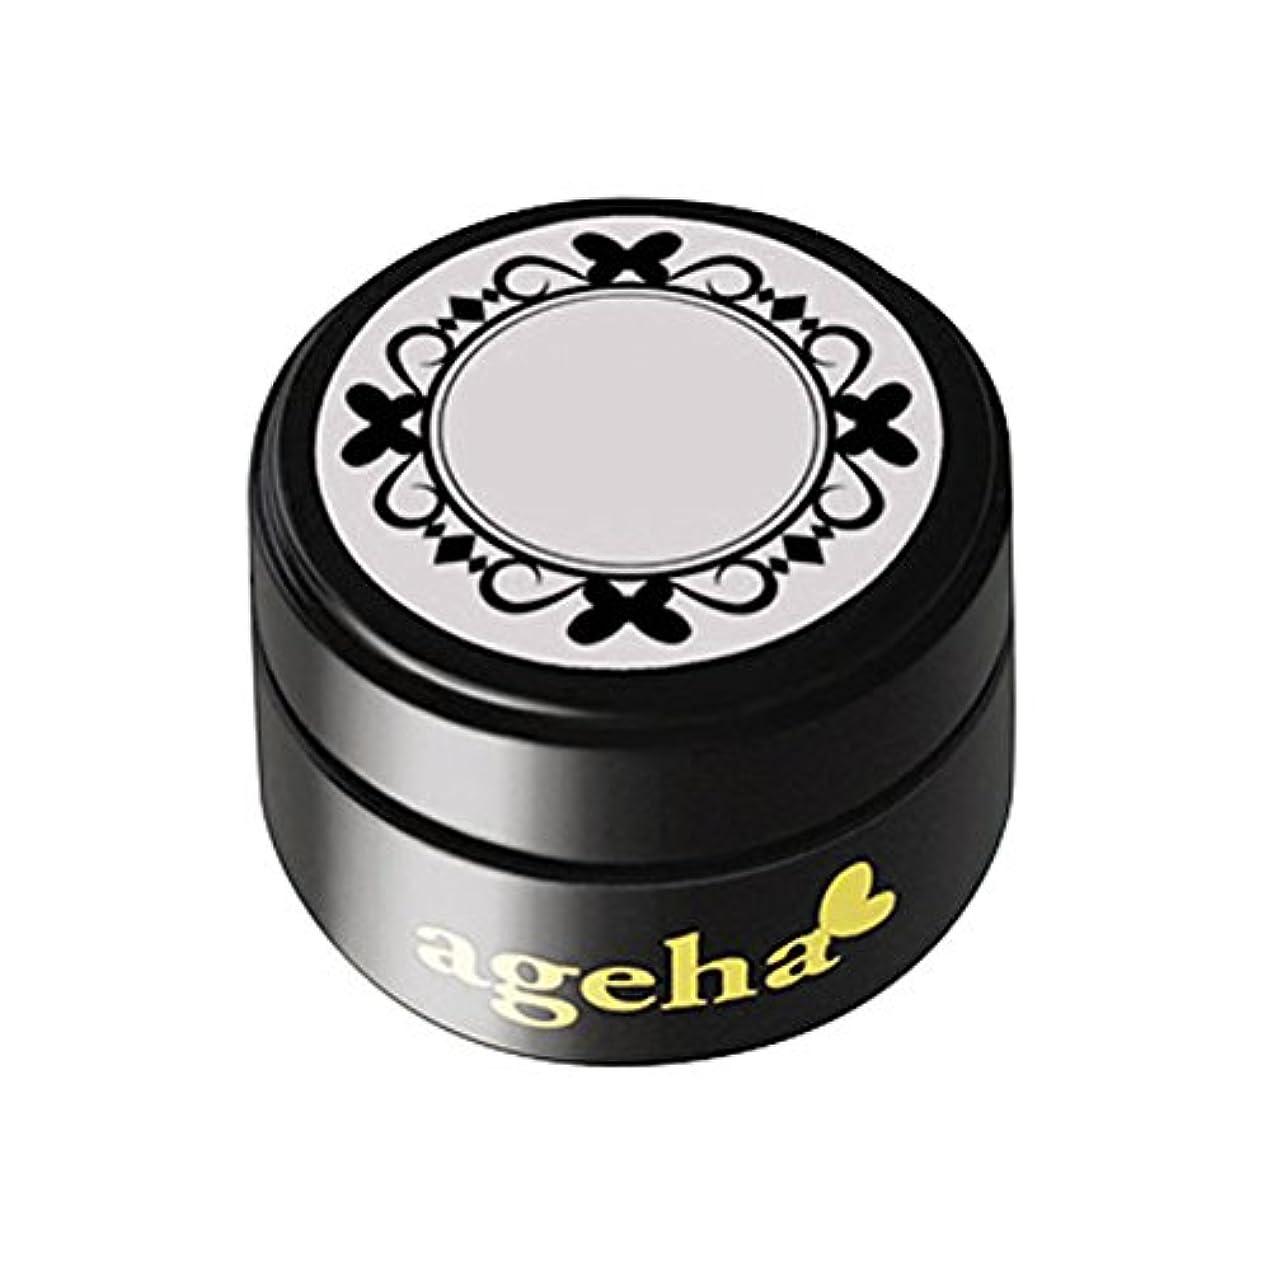 登る障害者子供っぽいageha gel カラージェル コスメカラー 101 ウォルナット 2.7g UV/LED対応